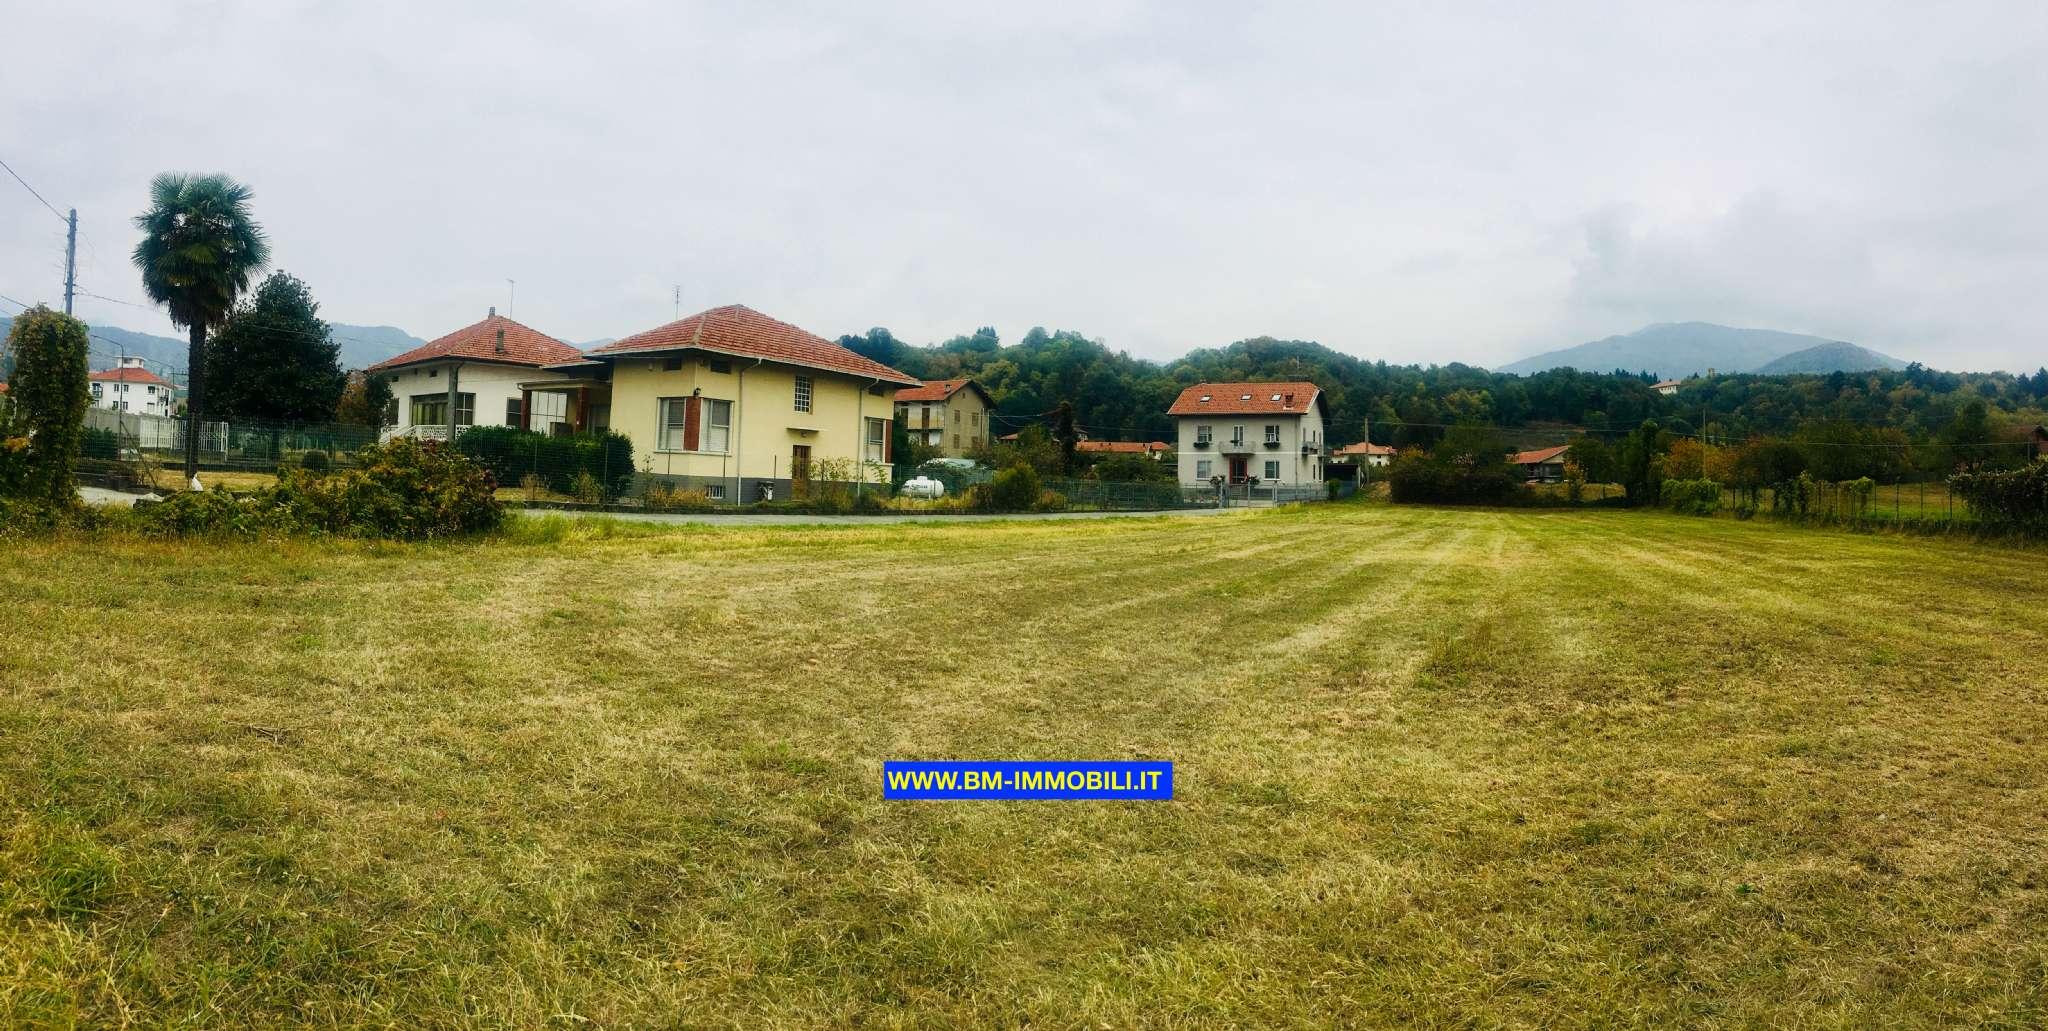 Terreno Edificabile Residenziale in vendita a Lanzo Torinese, 9999 locali, prezzo € 160.000 | CambioCasa.it